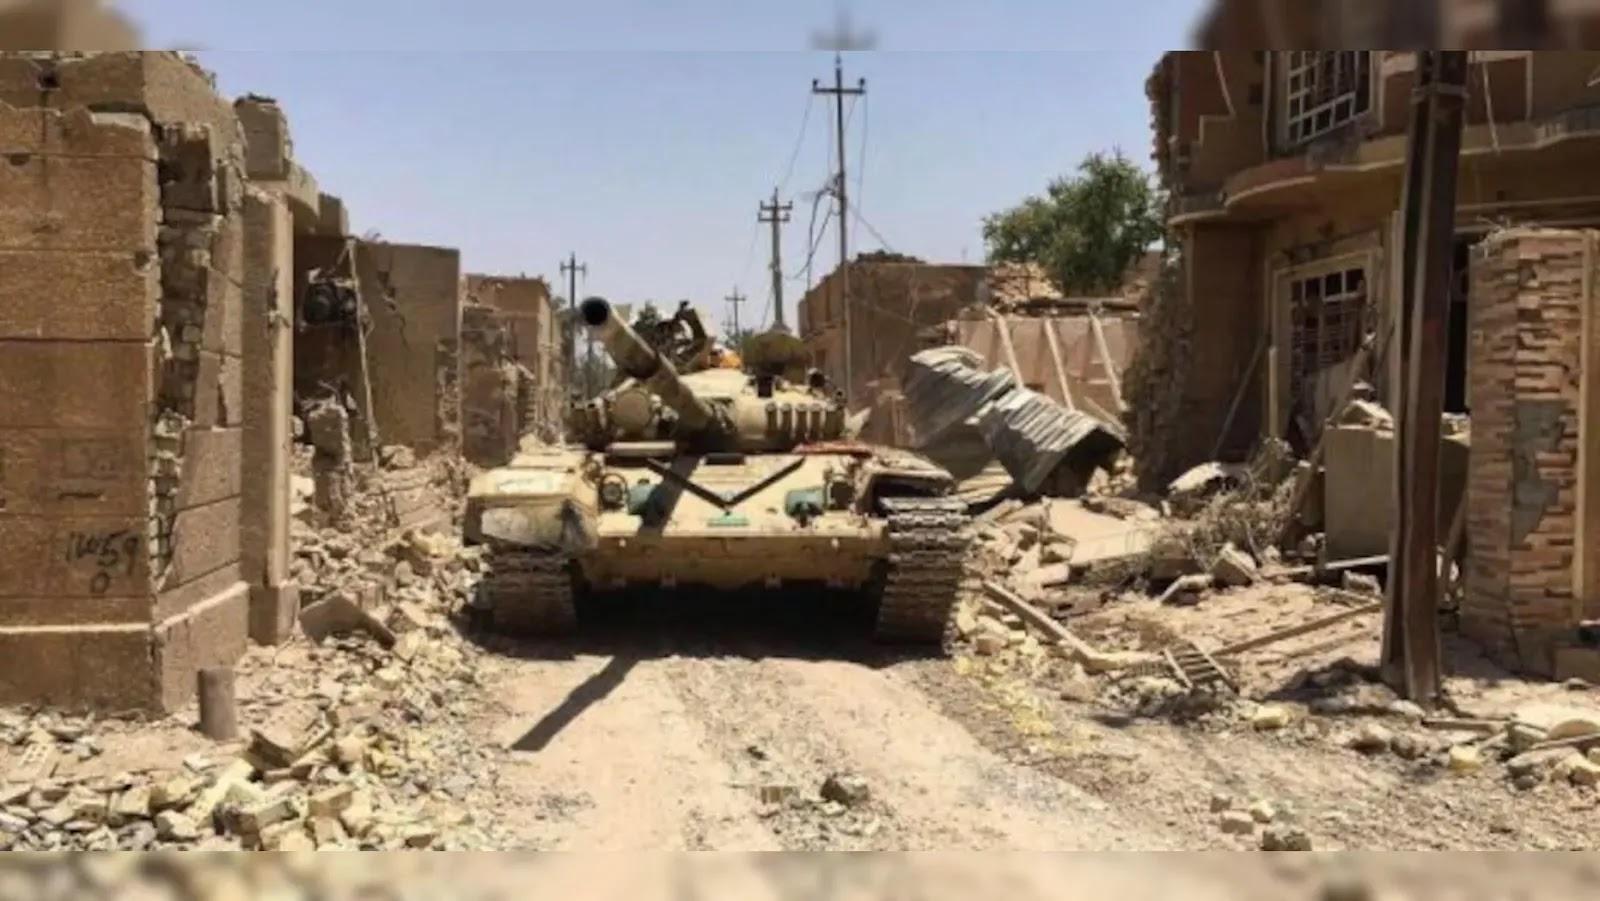 Imperio de E.E.U.U. libra guerra de 30 años contra Irak